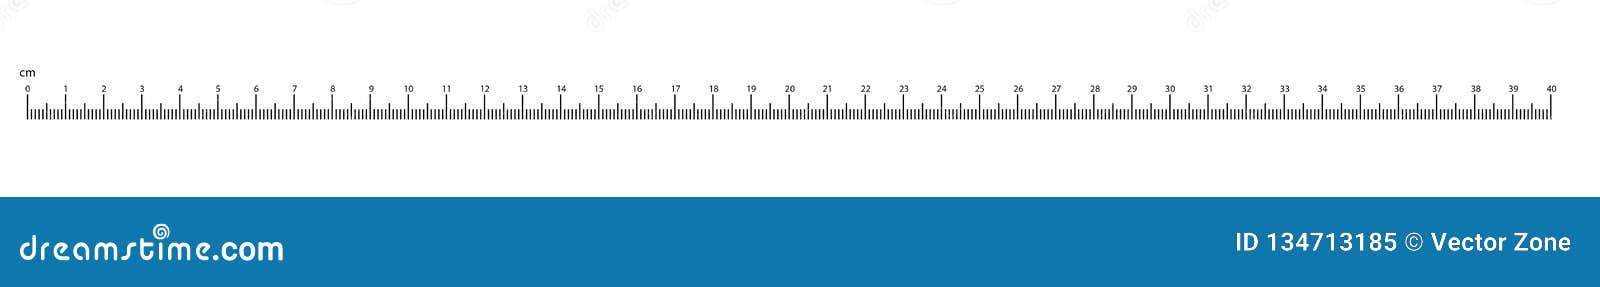 Escala do vetor dos números da medida até 40cm do cm da régua